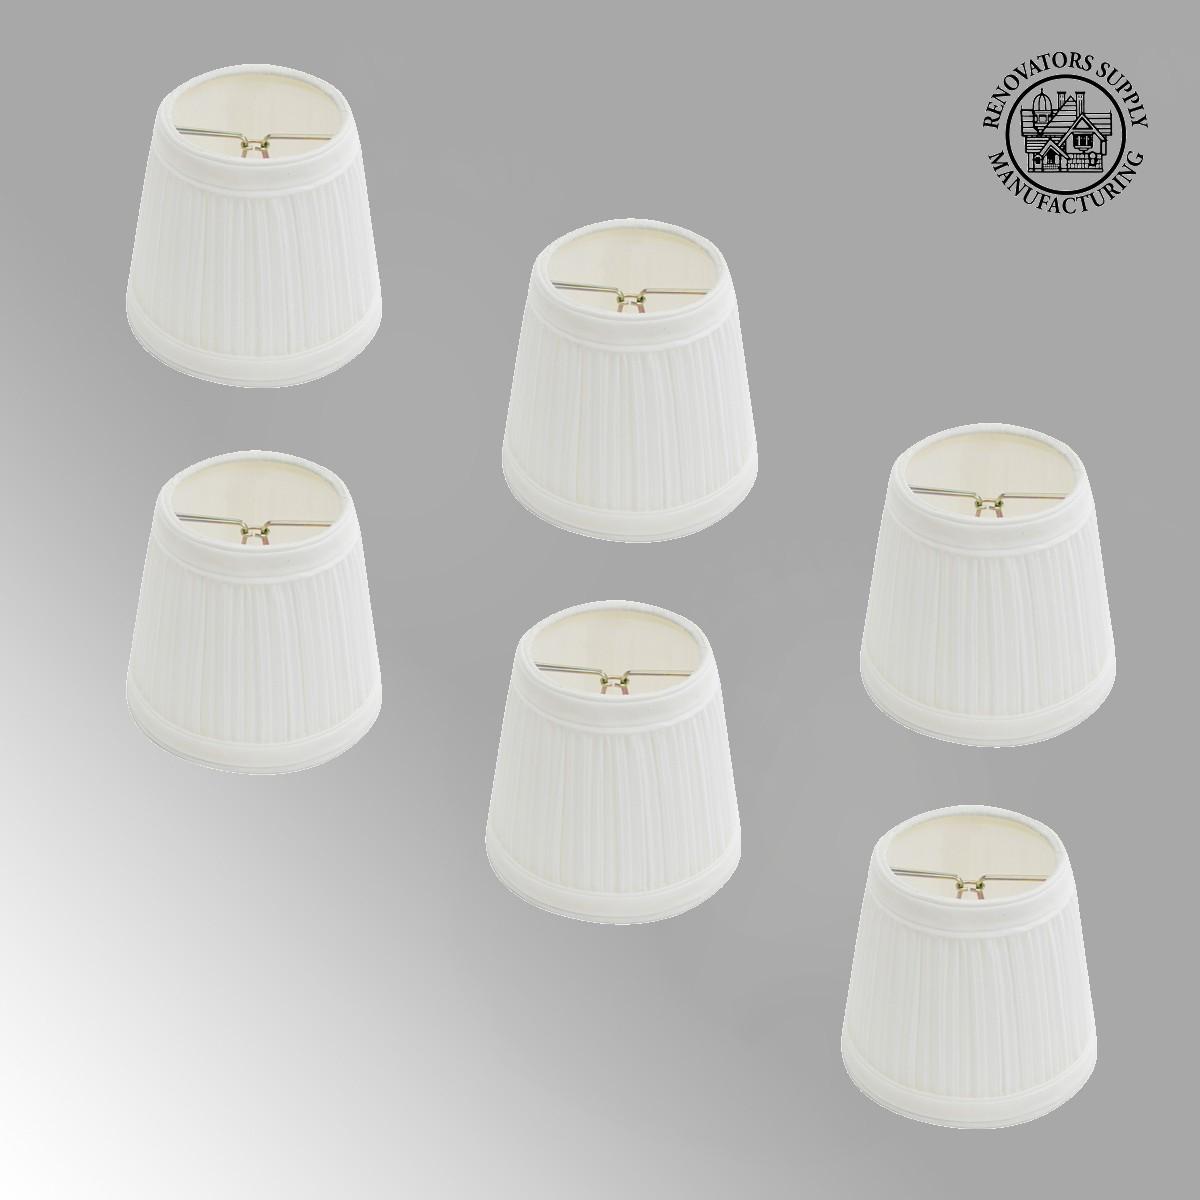 Fabric lamp shade 4 116 mini clip on 6 fabric lamp shade 4 116 mini clip on aloadofball Choice Image